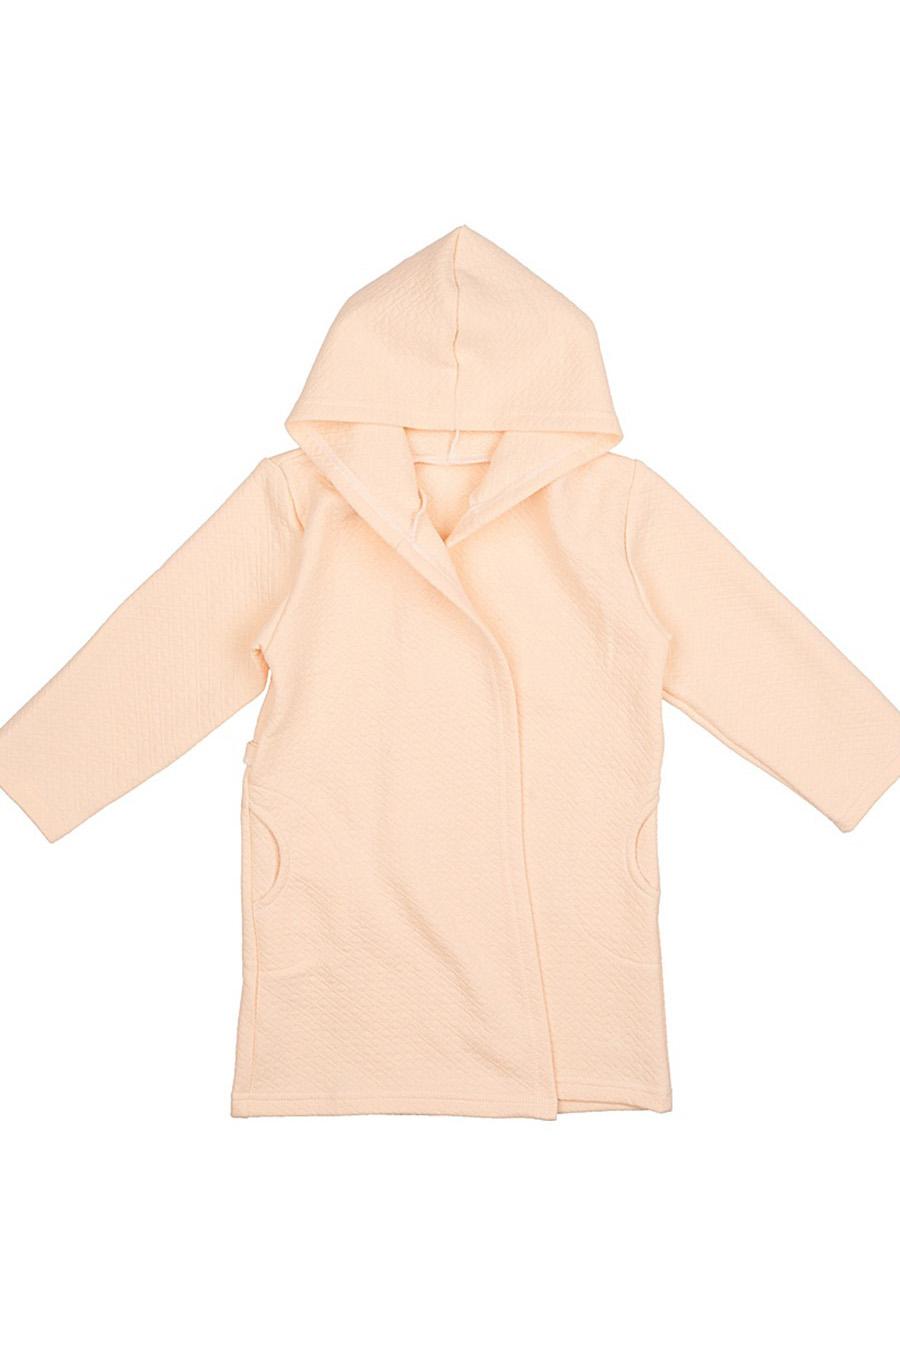 Халат парео еватекс цвет персиковый к42 размер 110 см х 140 см